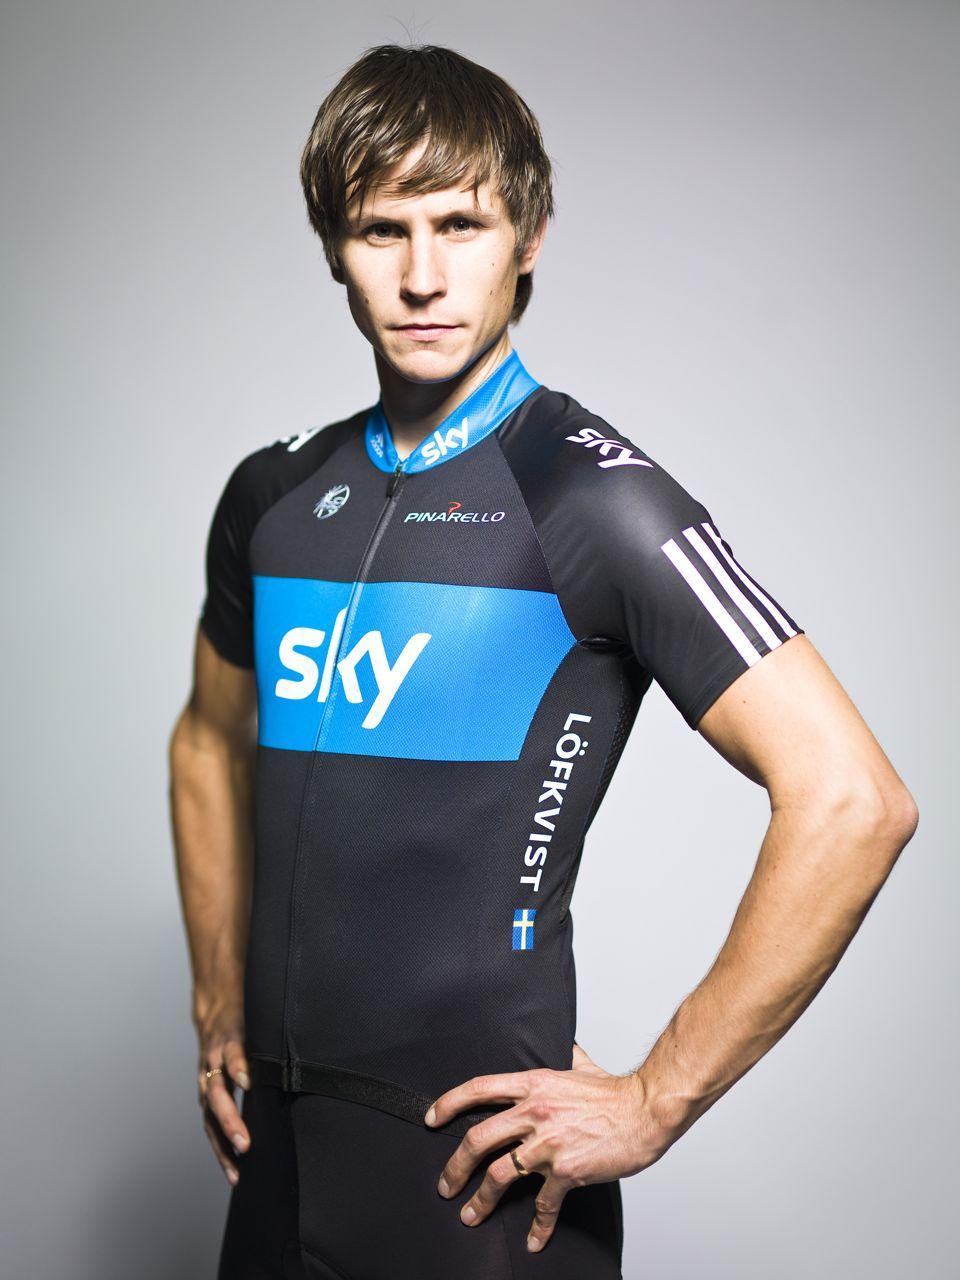 Team Sky 2010 Thomas_Lofkvist_0698